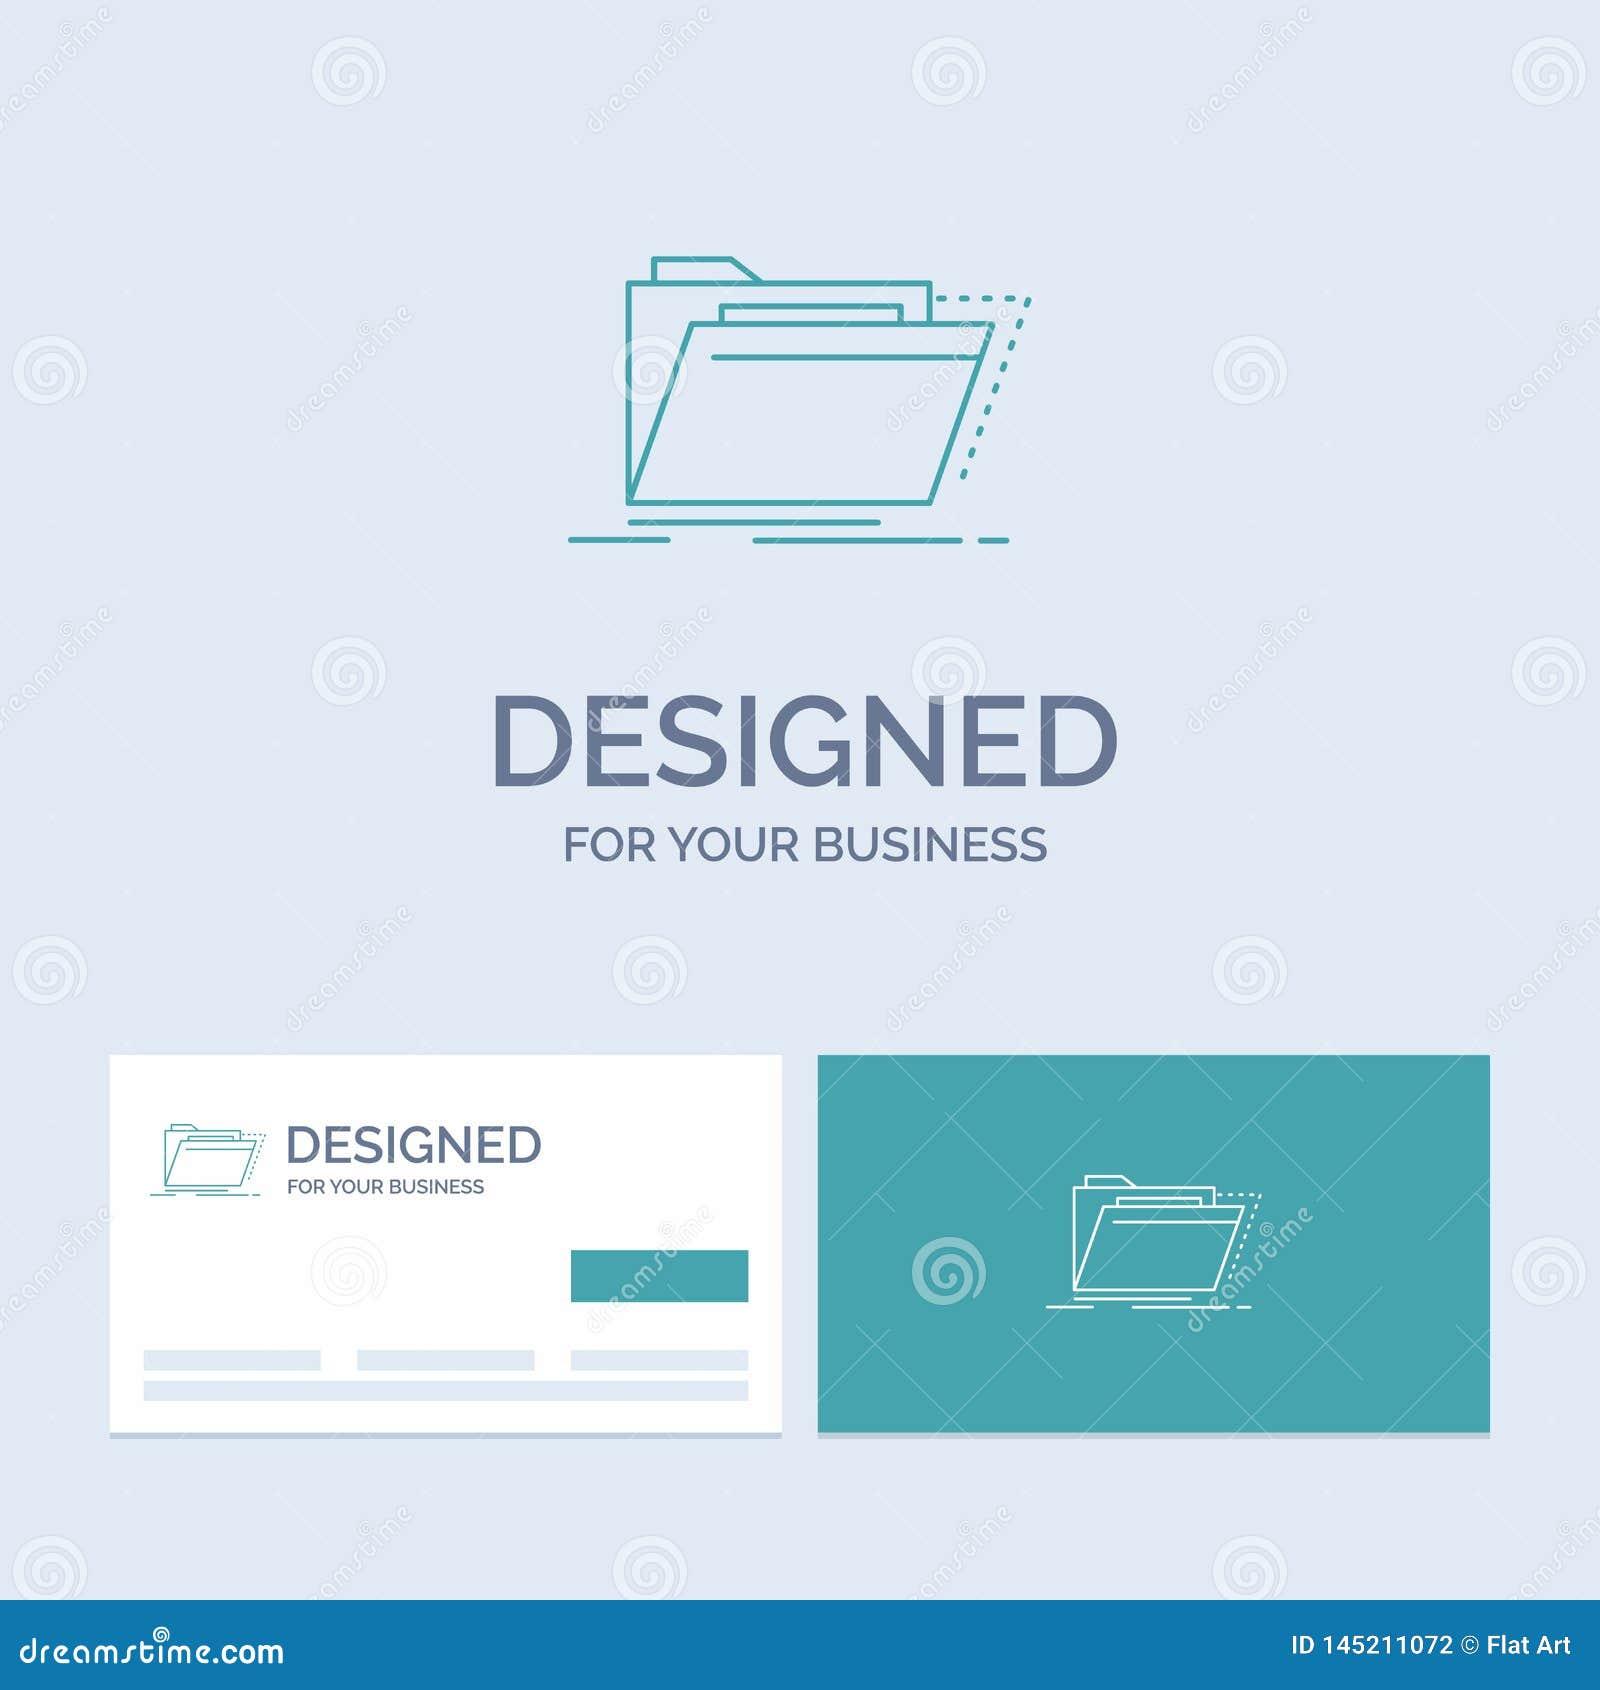 Archief, catalogus, folder, dossiers, omslagzaken Logo Line Icon Symbol voor uw zaken Turkooise Visitekaartjes met Merk